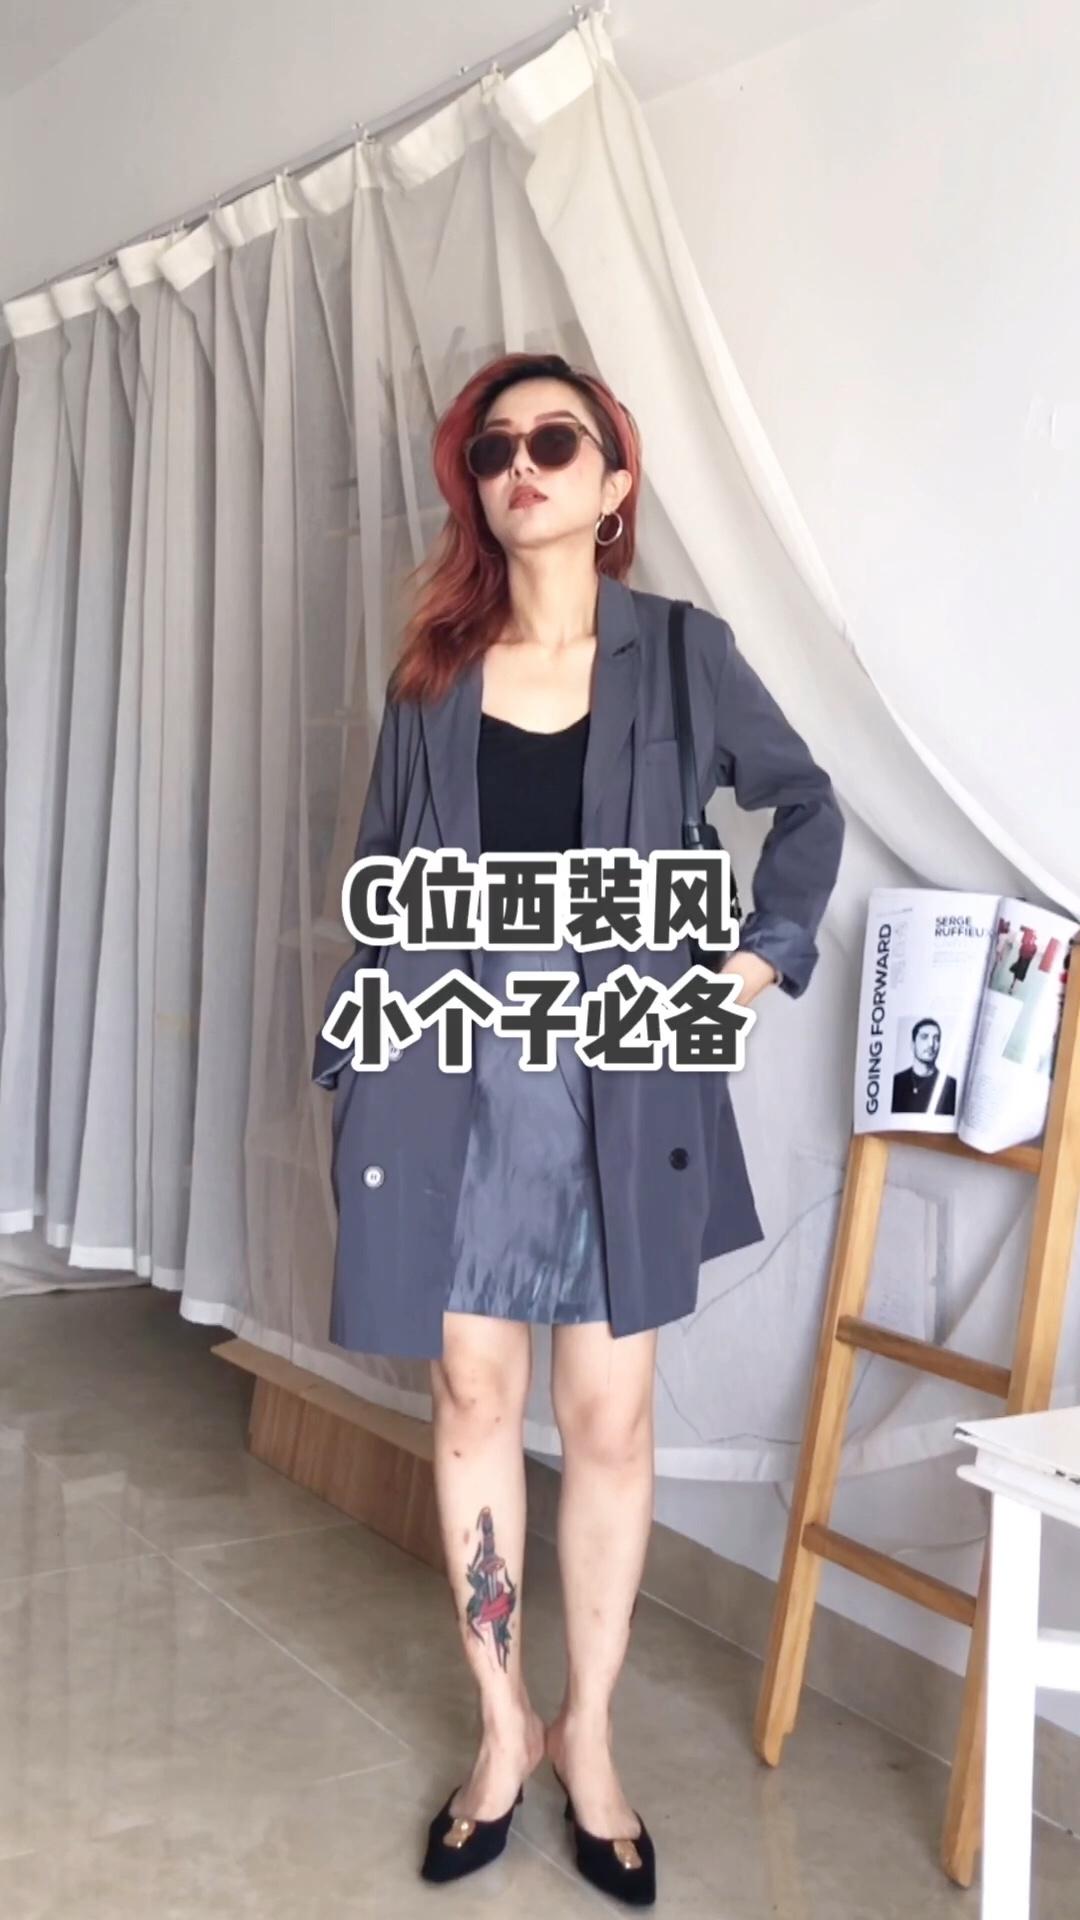 超好看的西装外套!经典的灰色搭配灰色的半裙高级感满满!高腰短裙非常显个又显瘦!尖头黑色高跟鞋更有女人味!干练十足哦 #可盐可甜西装风,换季站c位!#